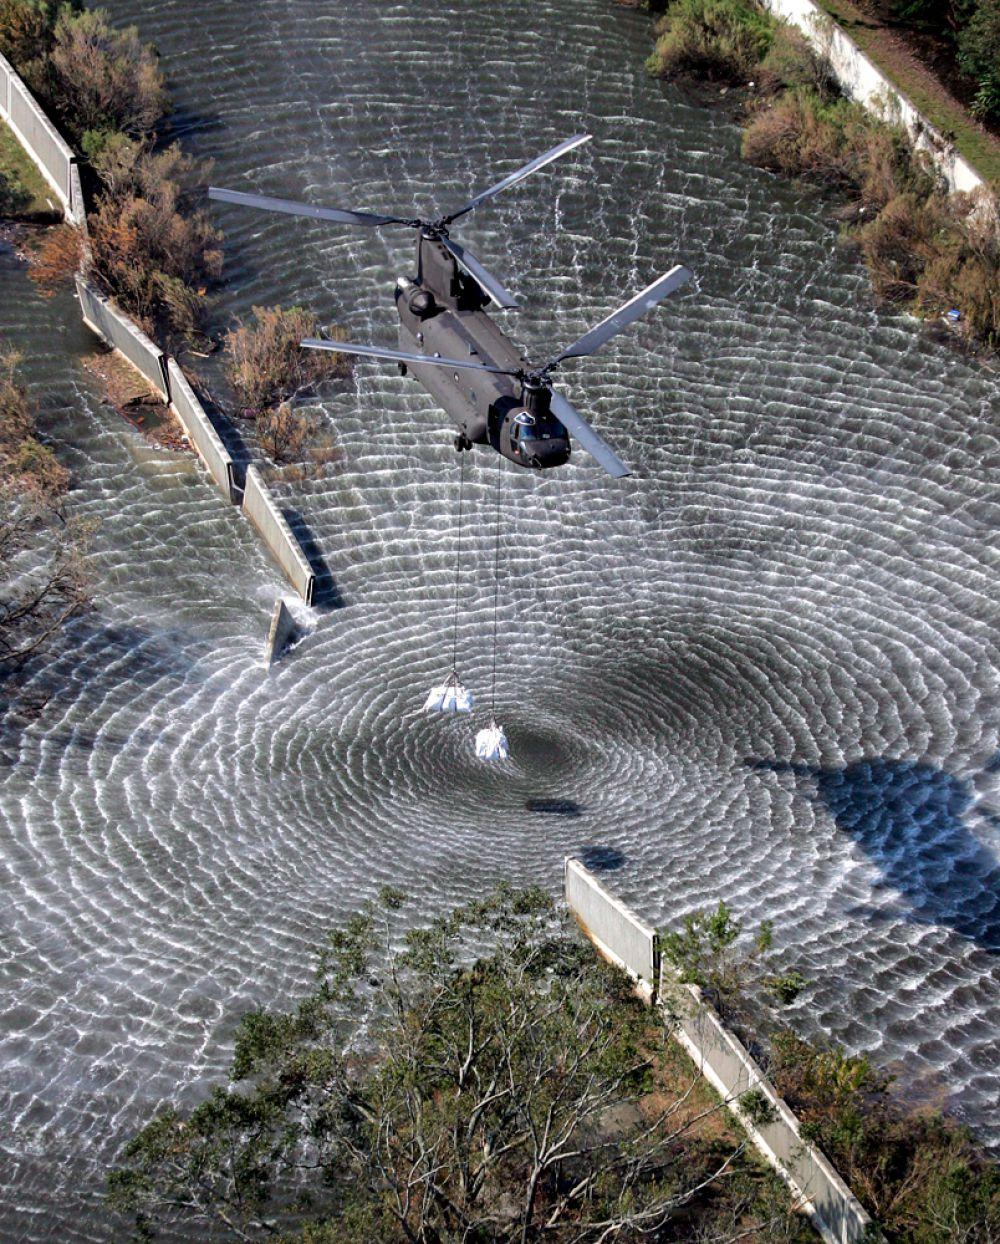 Крыша «Супердоума» была повреждена сильнейшим ветром. Спасение людей из затопленных районов проводилось с помощью лодок и вертолётов.